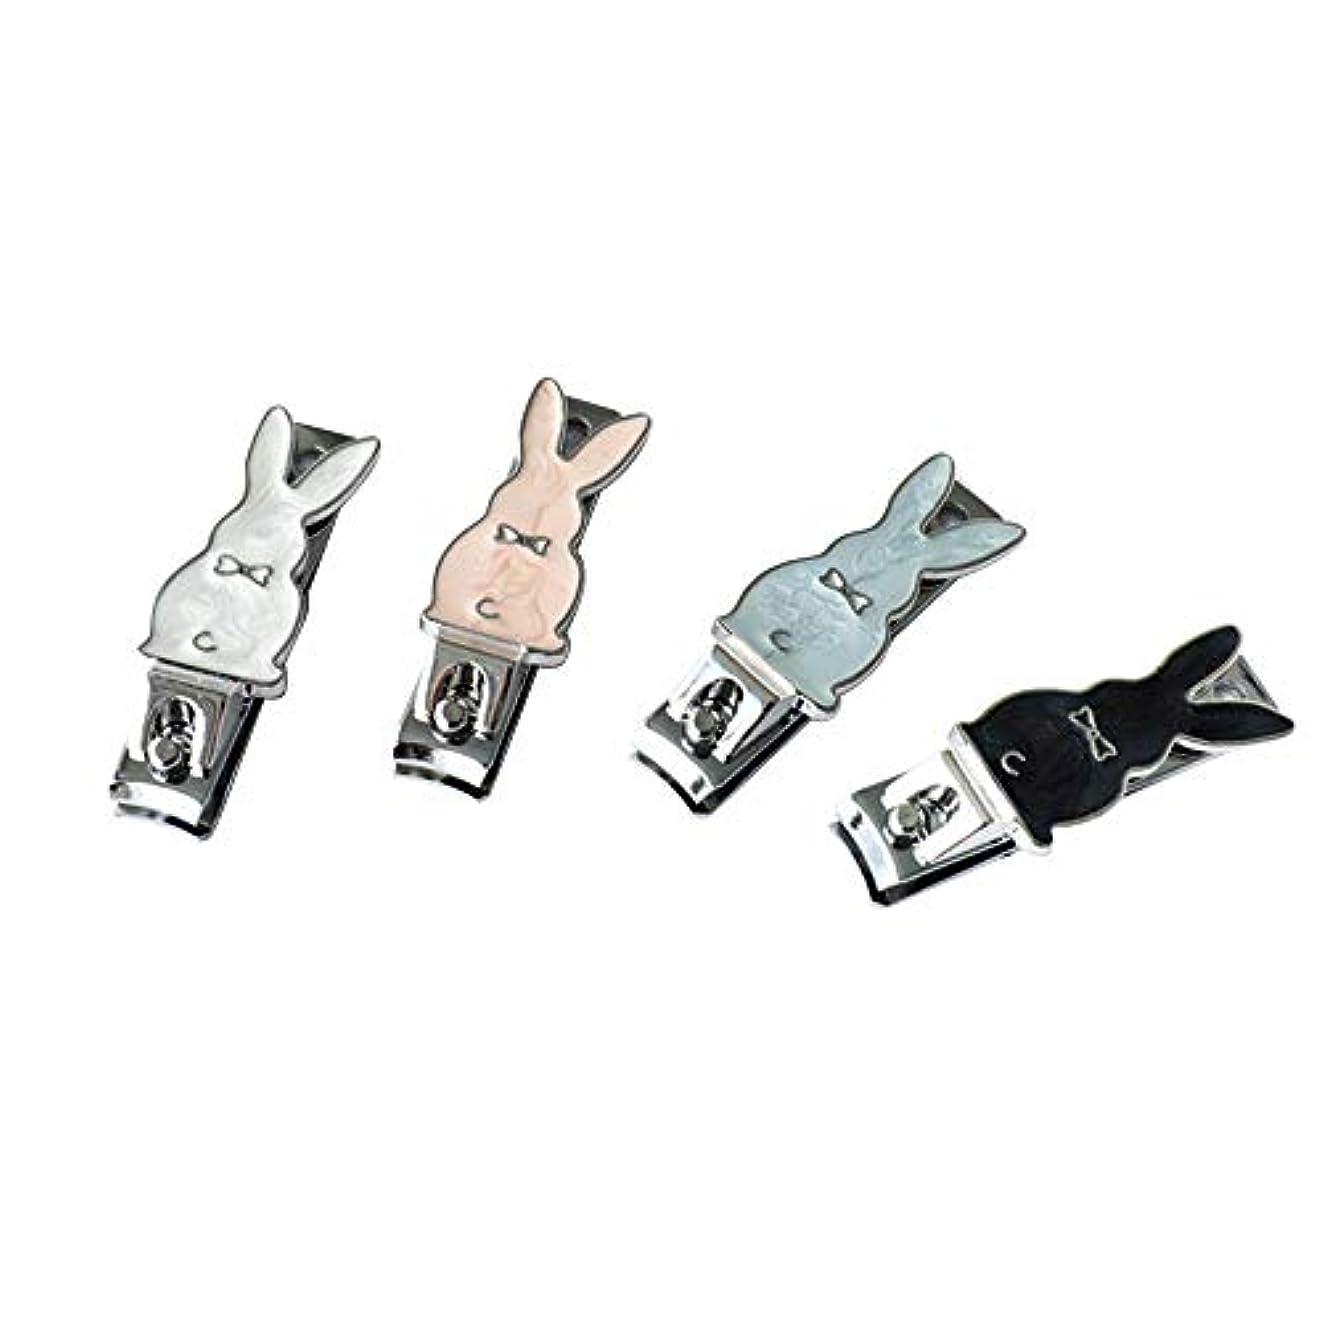 紳士行列ホイールかわいい漫画の爪切りアーク口爪切りウサギ型の爪切り携帯便利男女兼用爪切り、ランダムな色